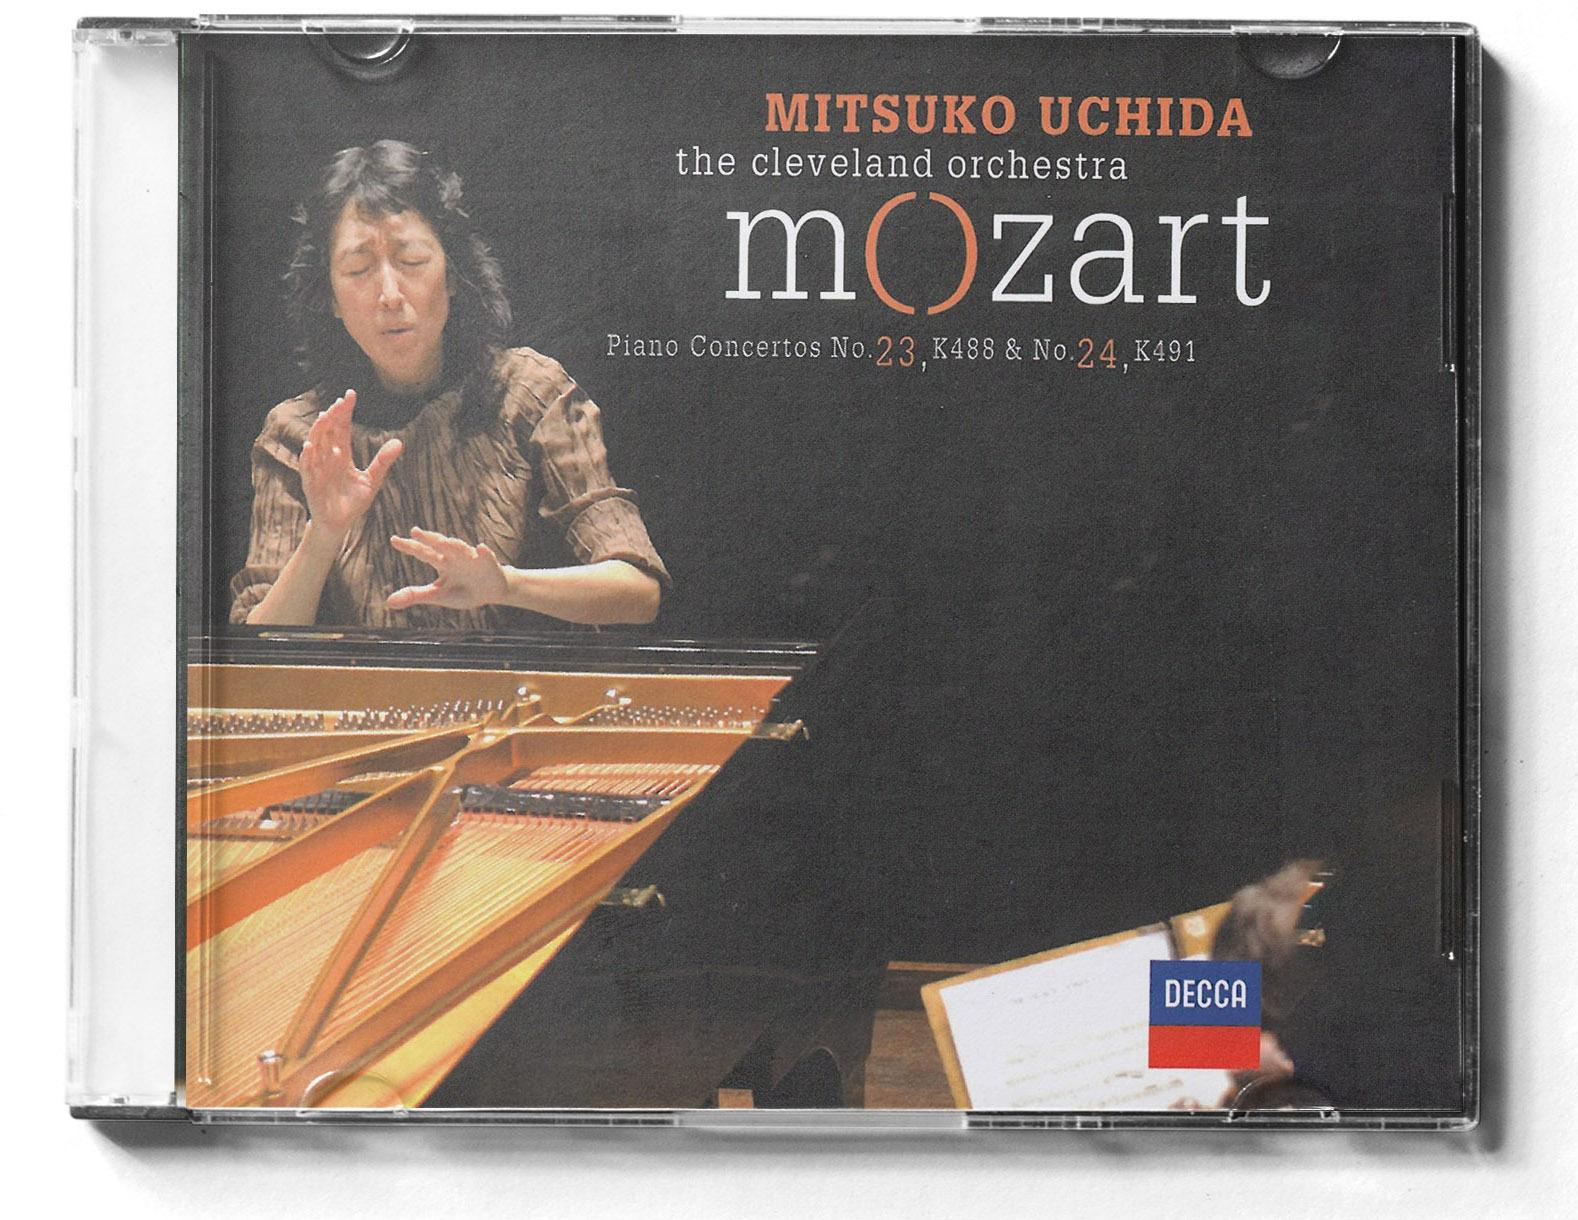 Mozart Piano Concertos No. 23 & 24